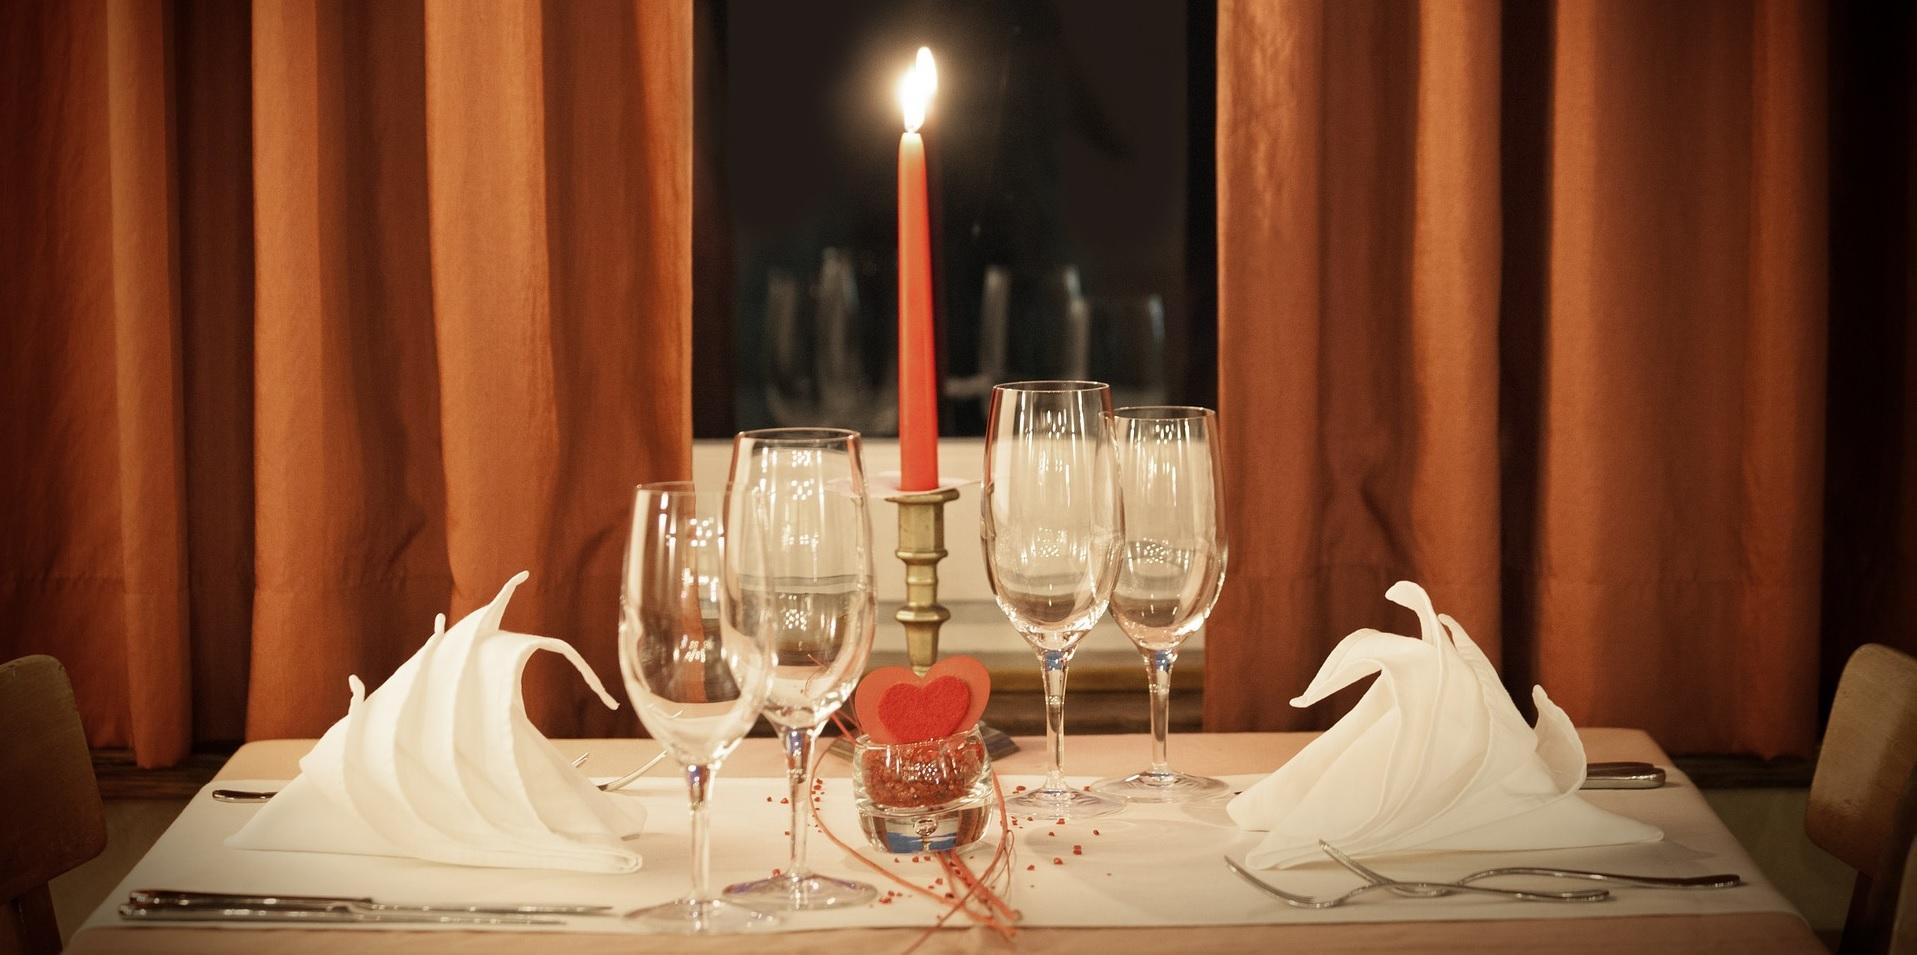 Подредена маса със запалена свещ в средата